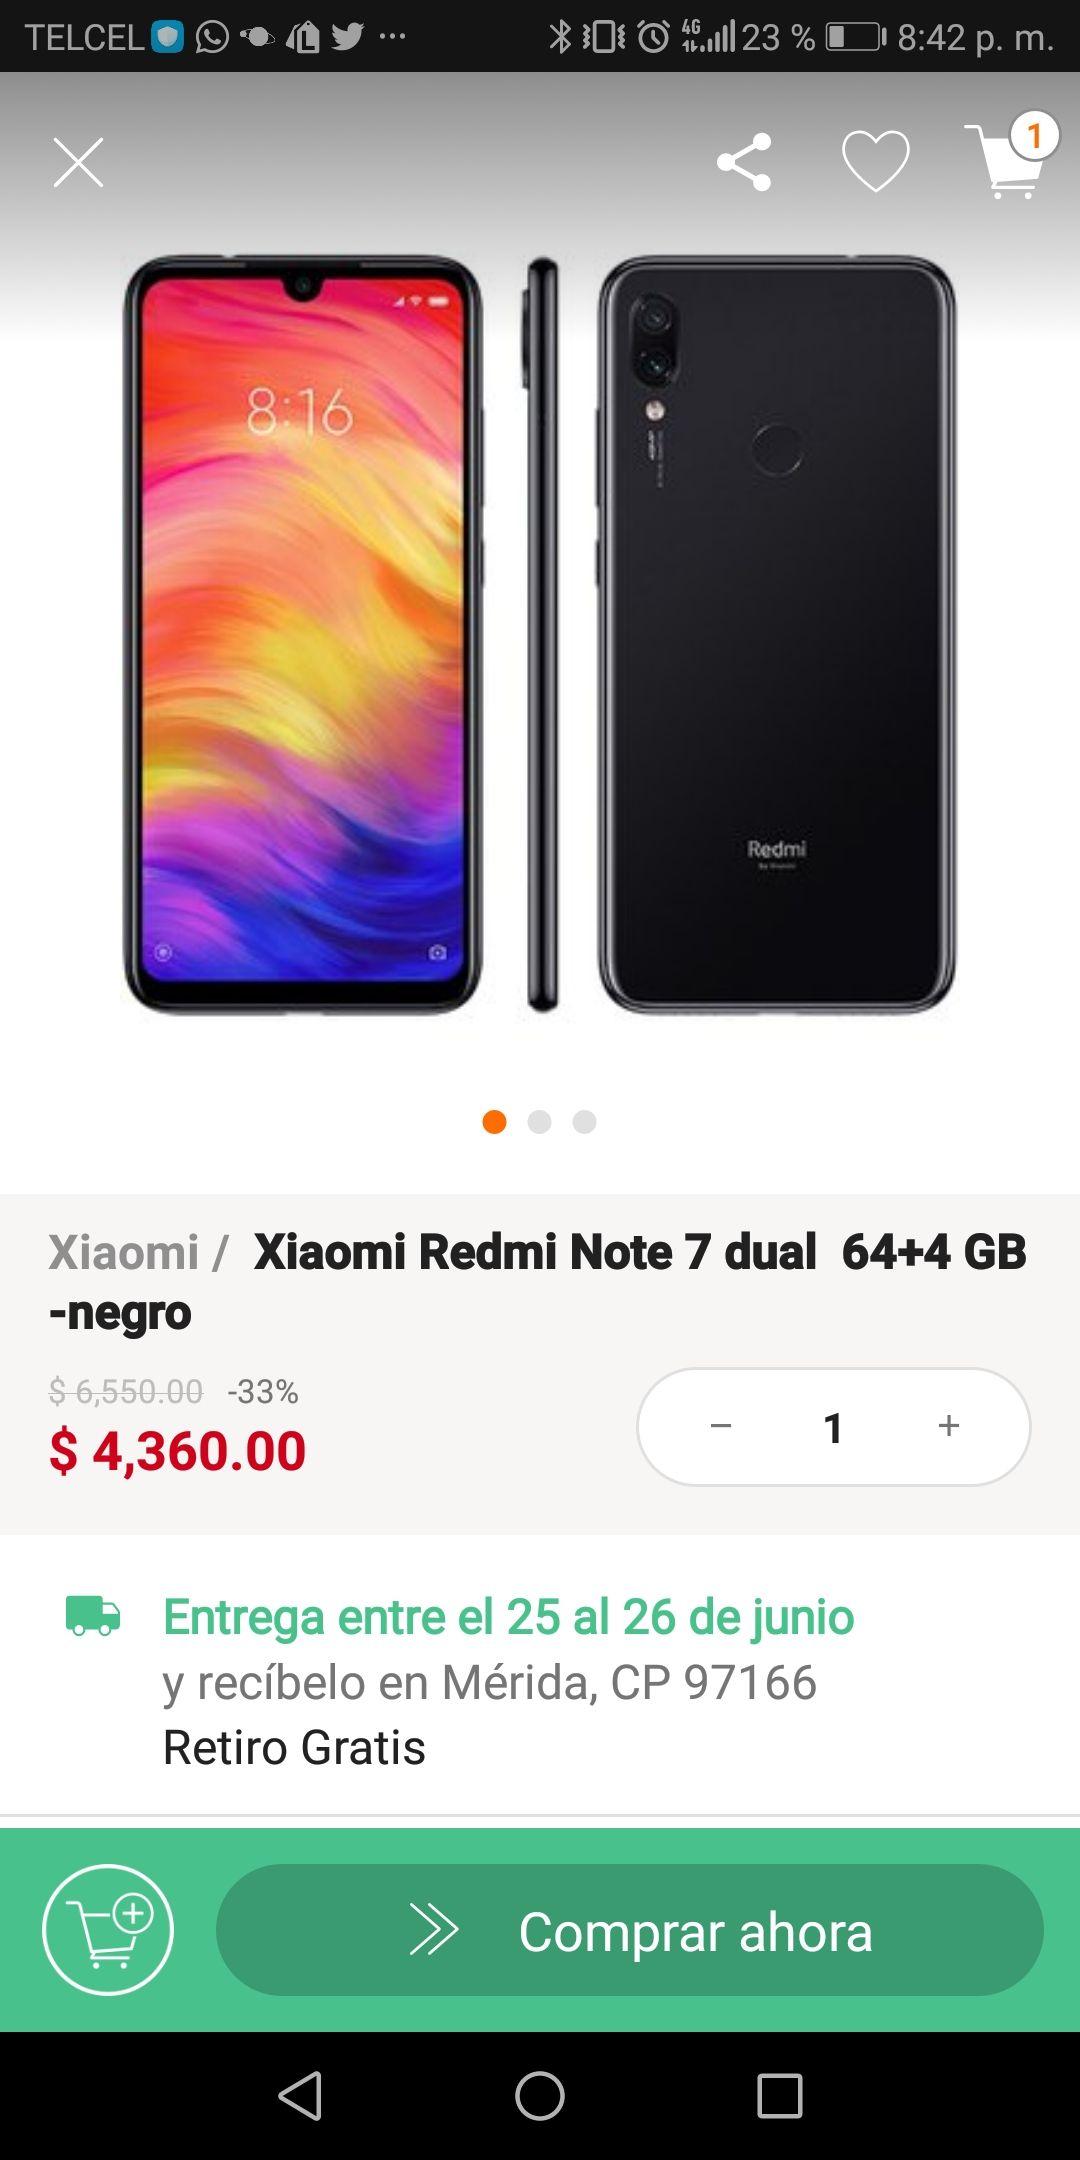 Linio App: Xiaomi Redmi Note 7 4GB/64GB (pagando con Paypal y Banorte)